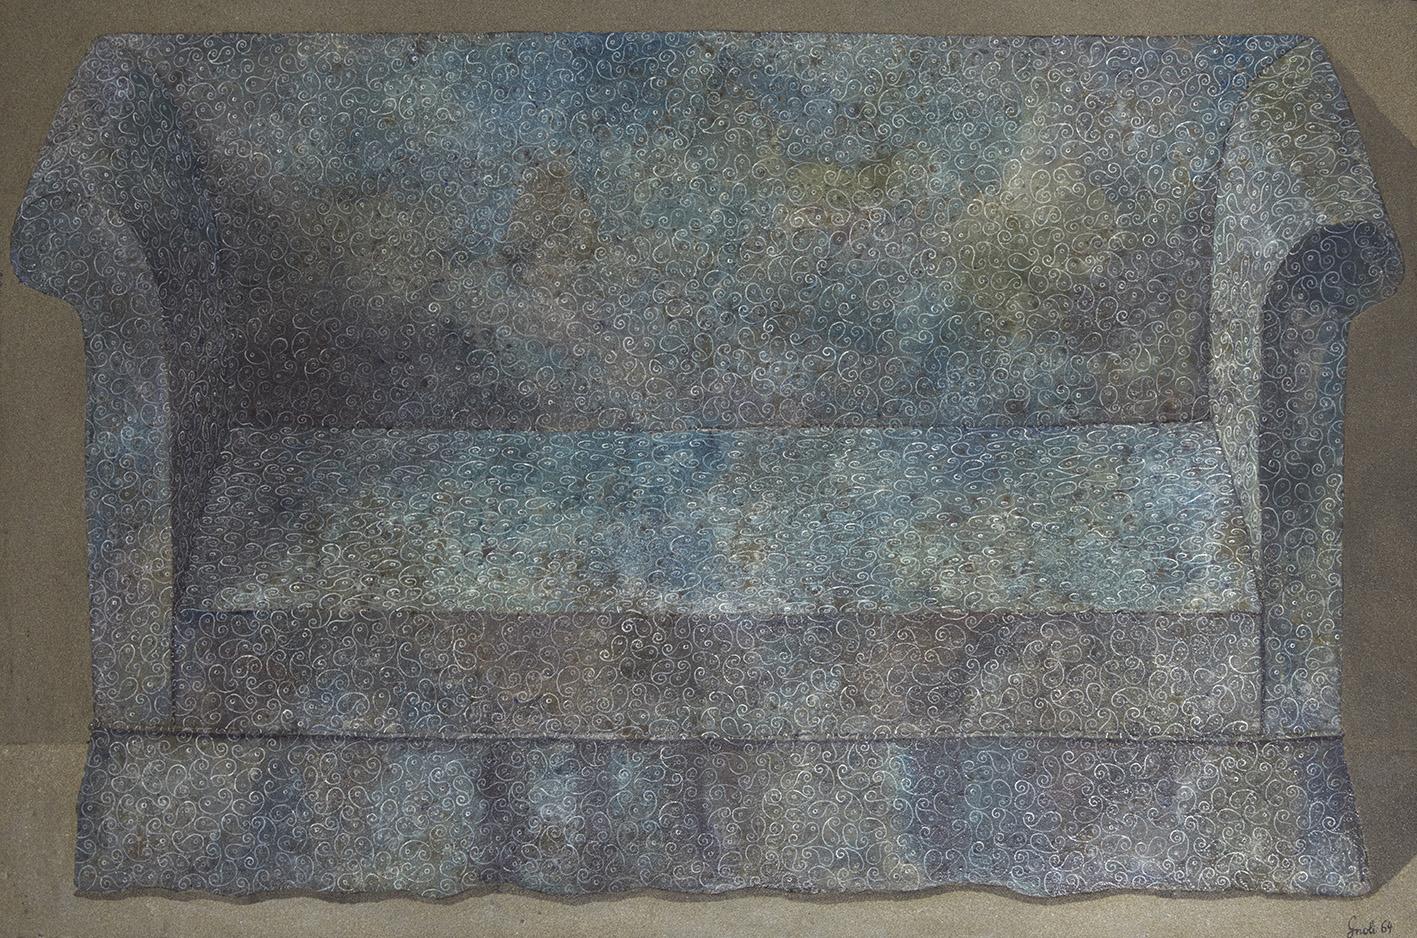 Domenico Gnoli (1933-1970), Le Canapé Bleu (Blue Sofa), 1964, acrylic and sand on canvas, 97 x 147 cm (approx. 37 x 57.87 in).Auction Art